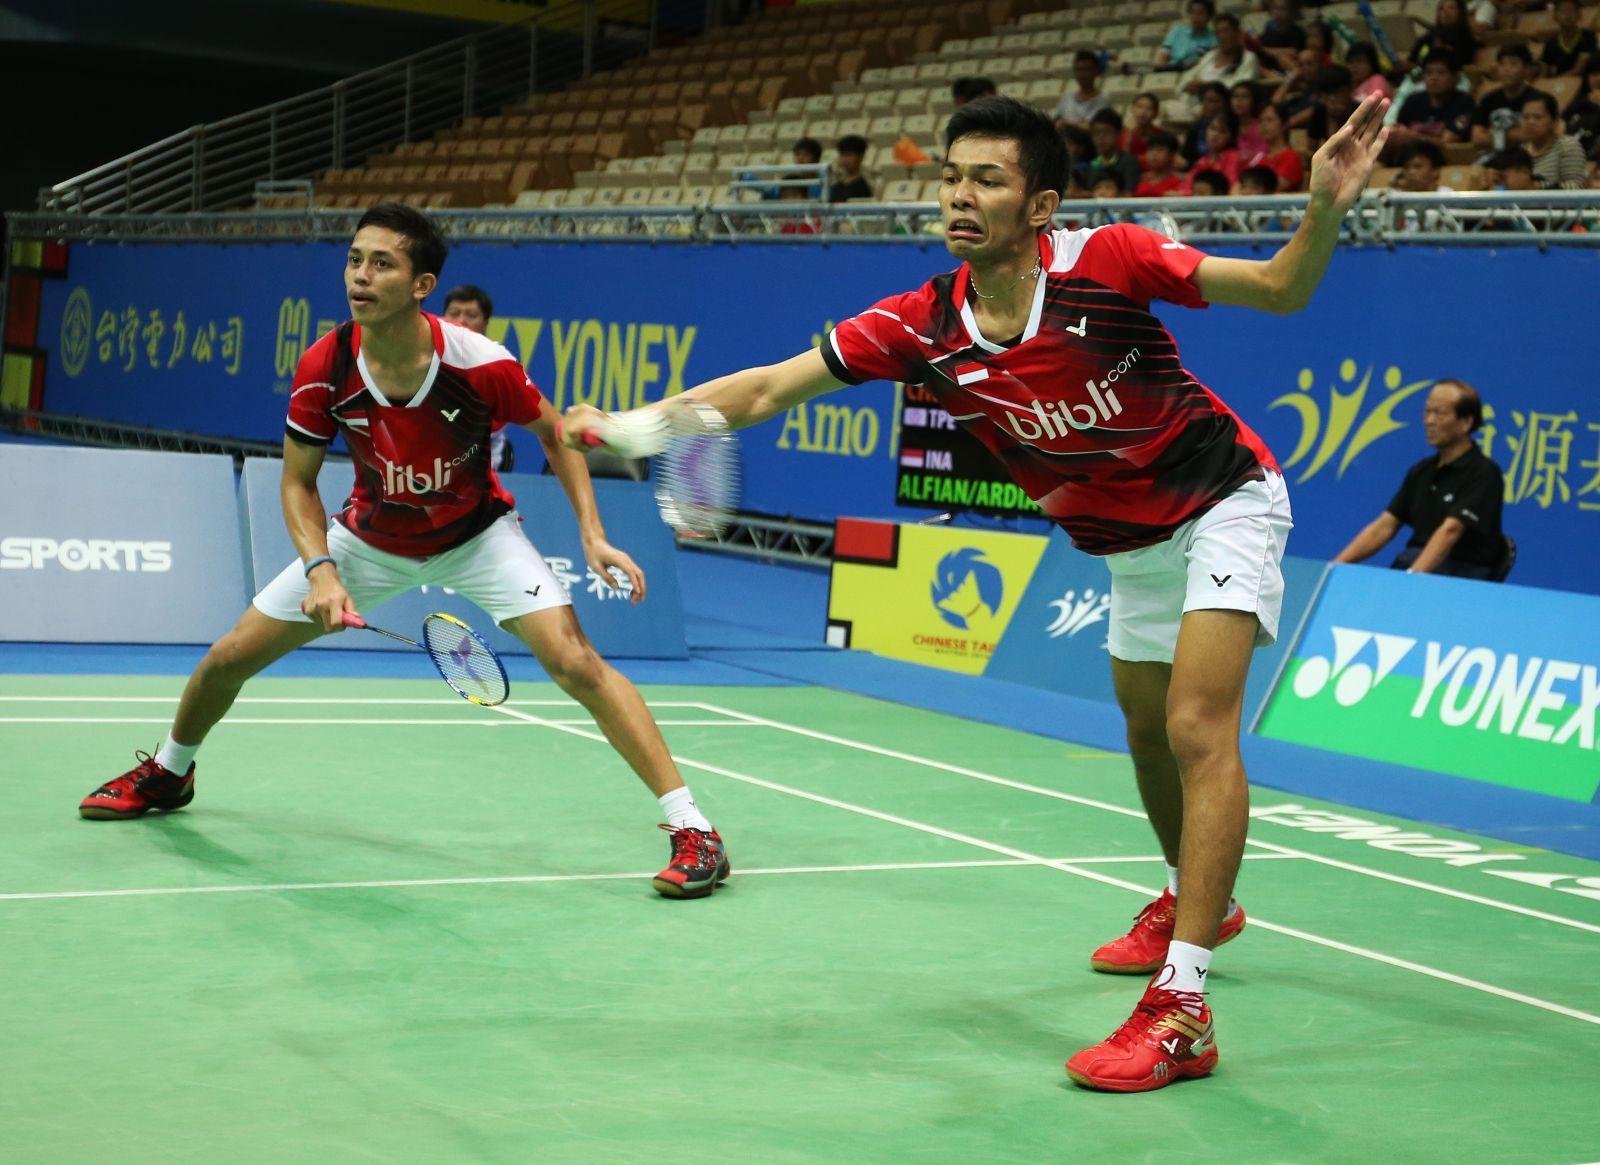 印尼年輕組合法賈爾(右)萊恩艱苦贏得生涯首座G.P.等級男雙冠軍/李天助攝